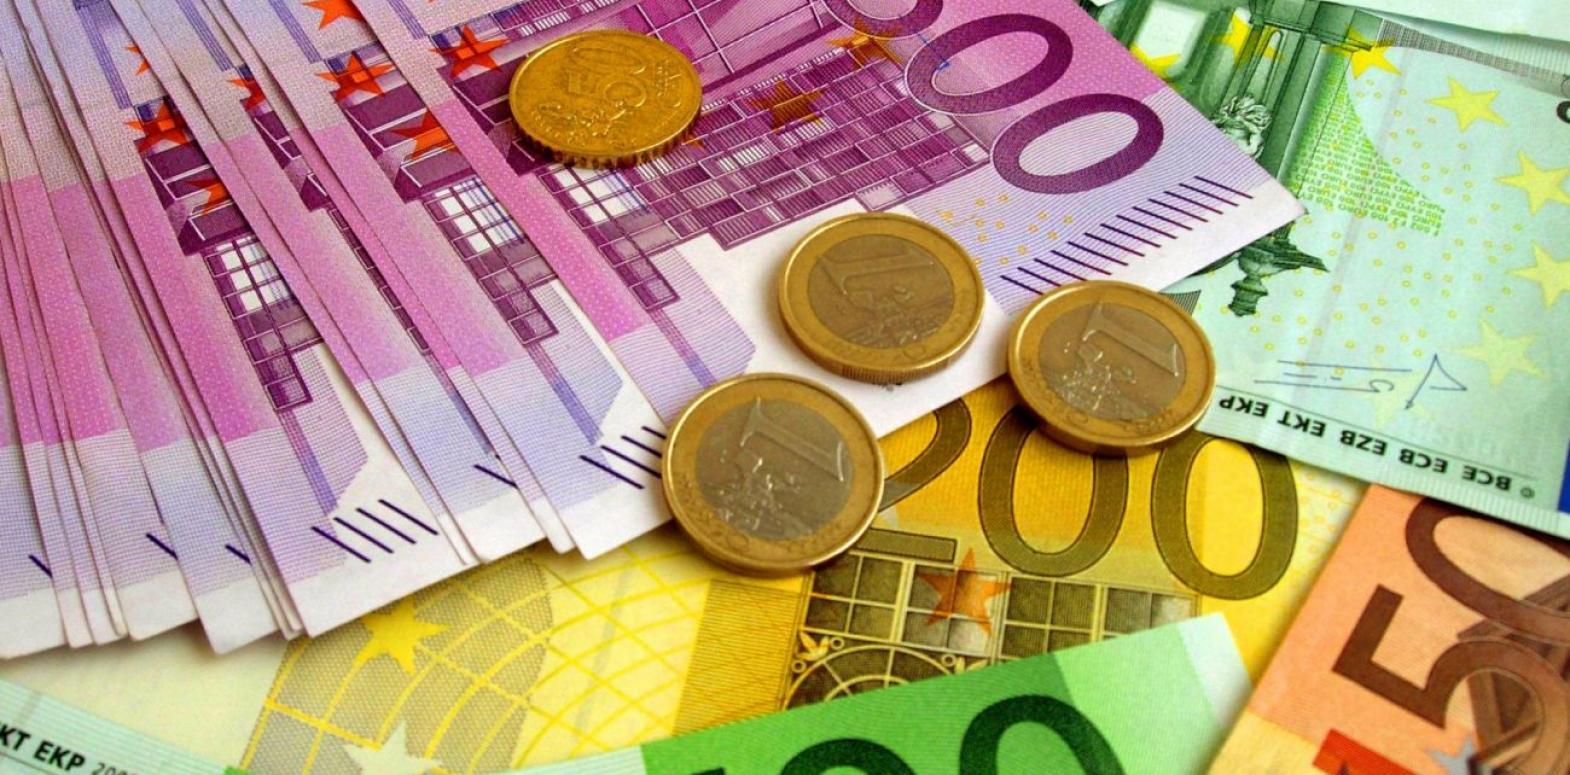 Курс евро снизился после достижения трехлетнего максимума